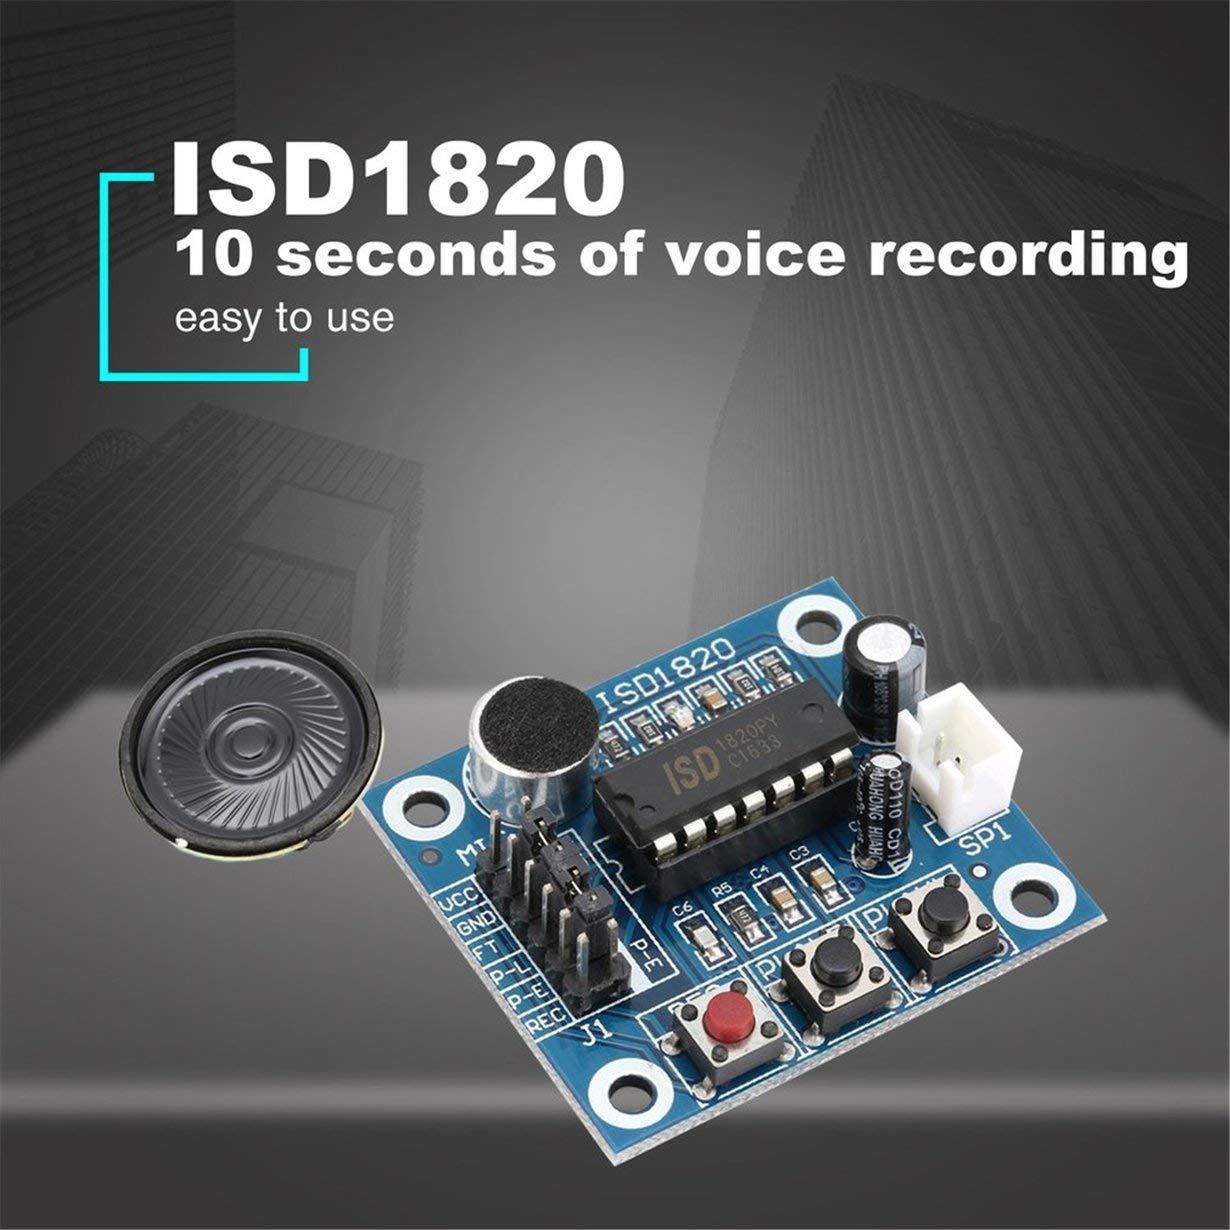 blau ISD1820 10 s Mic Voice Sound Wiedergabe Board Aufnahme Recorder Modul Kit Mikrofon Audio Lautsprecher Lautsprecher f/ür Arduino